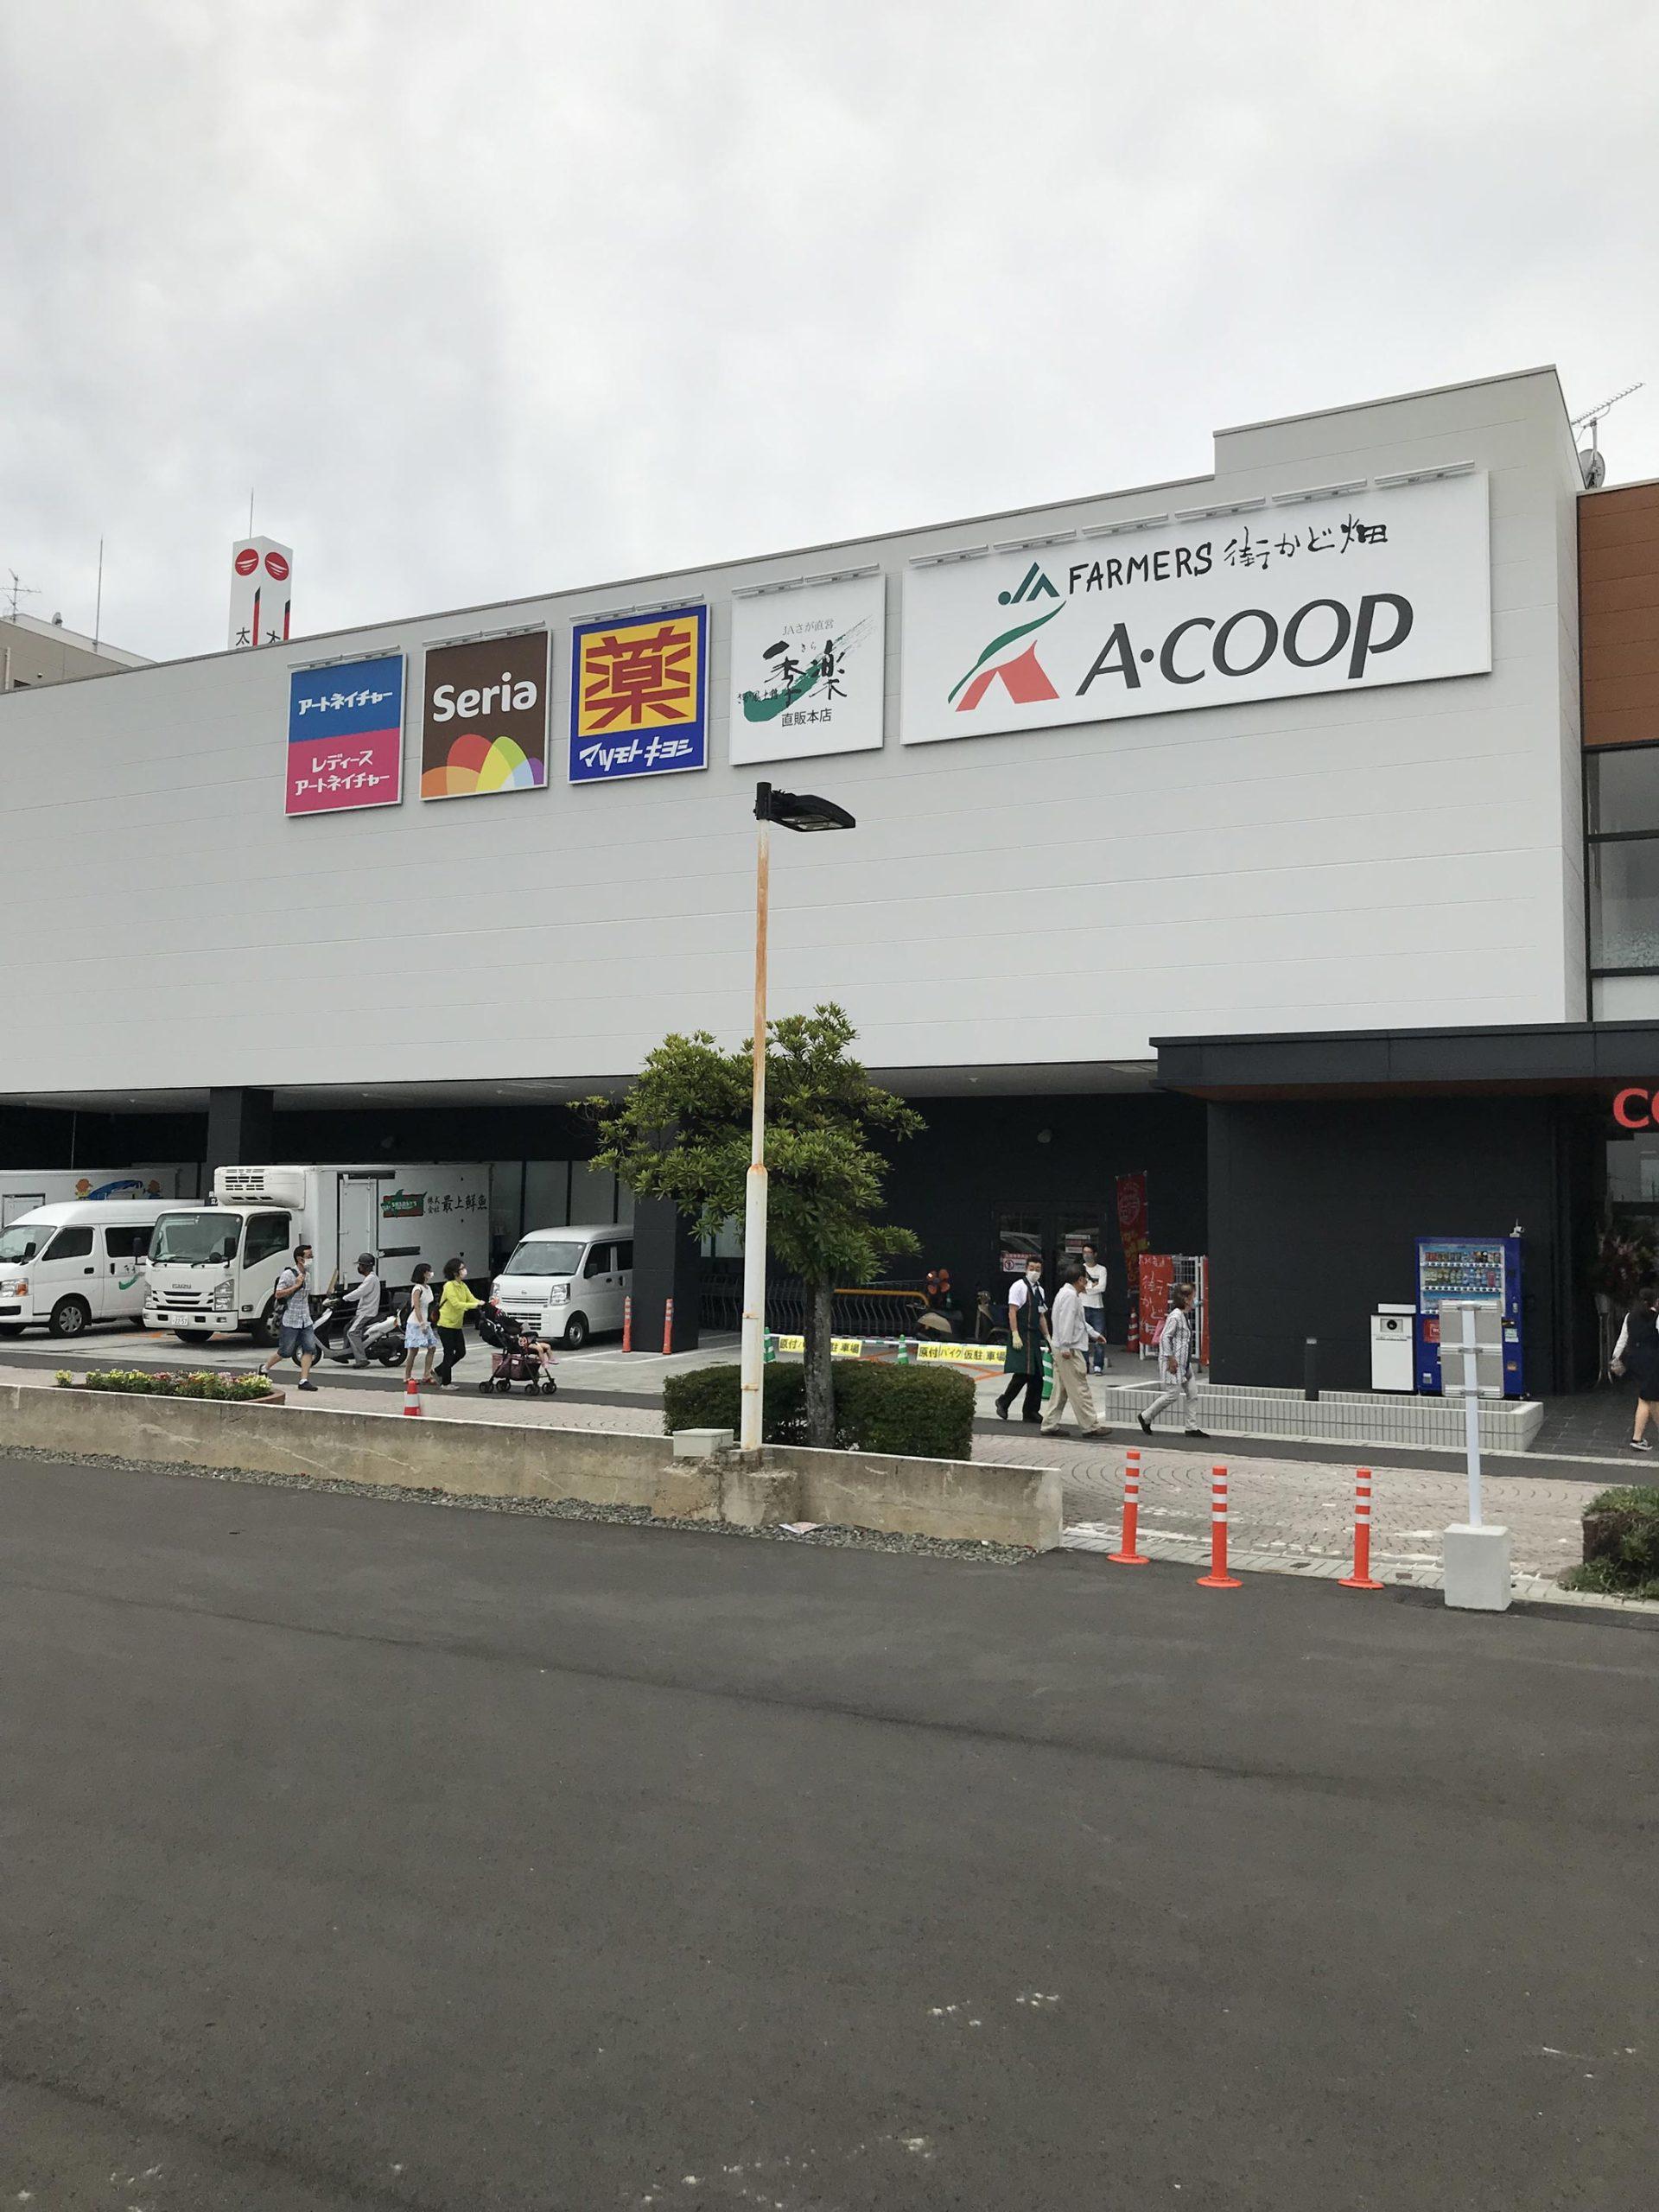 A-COOP